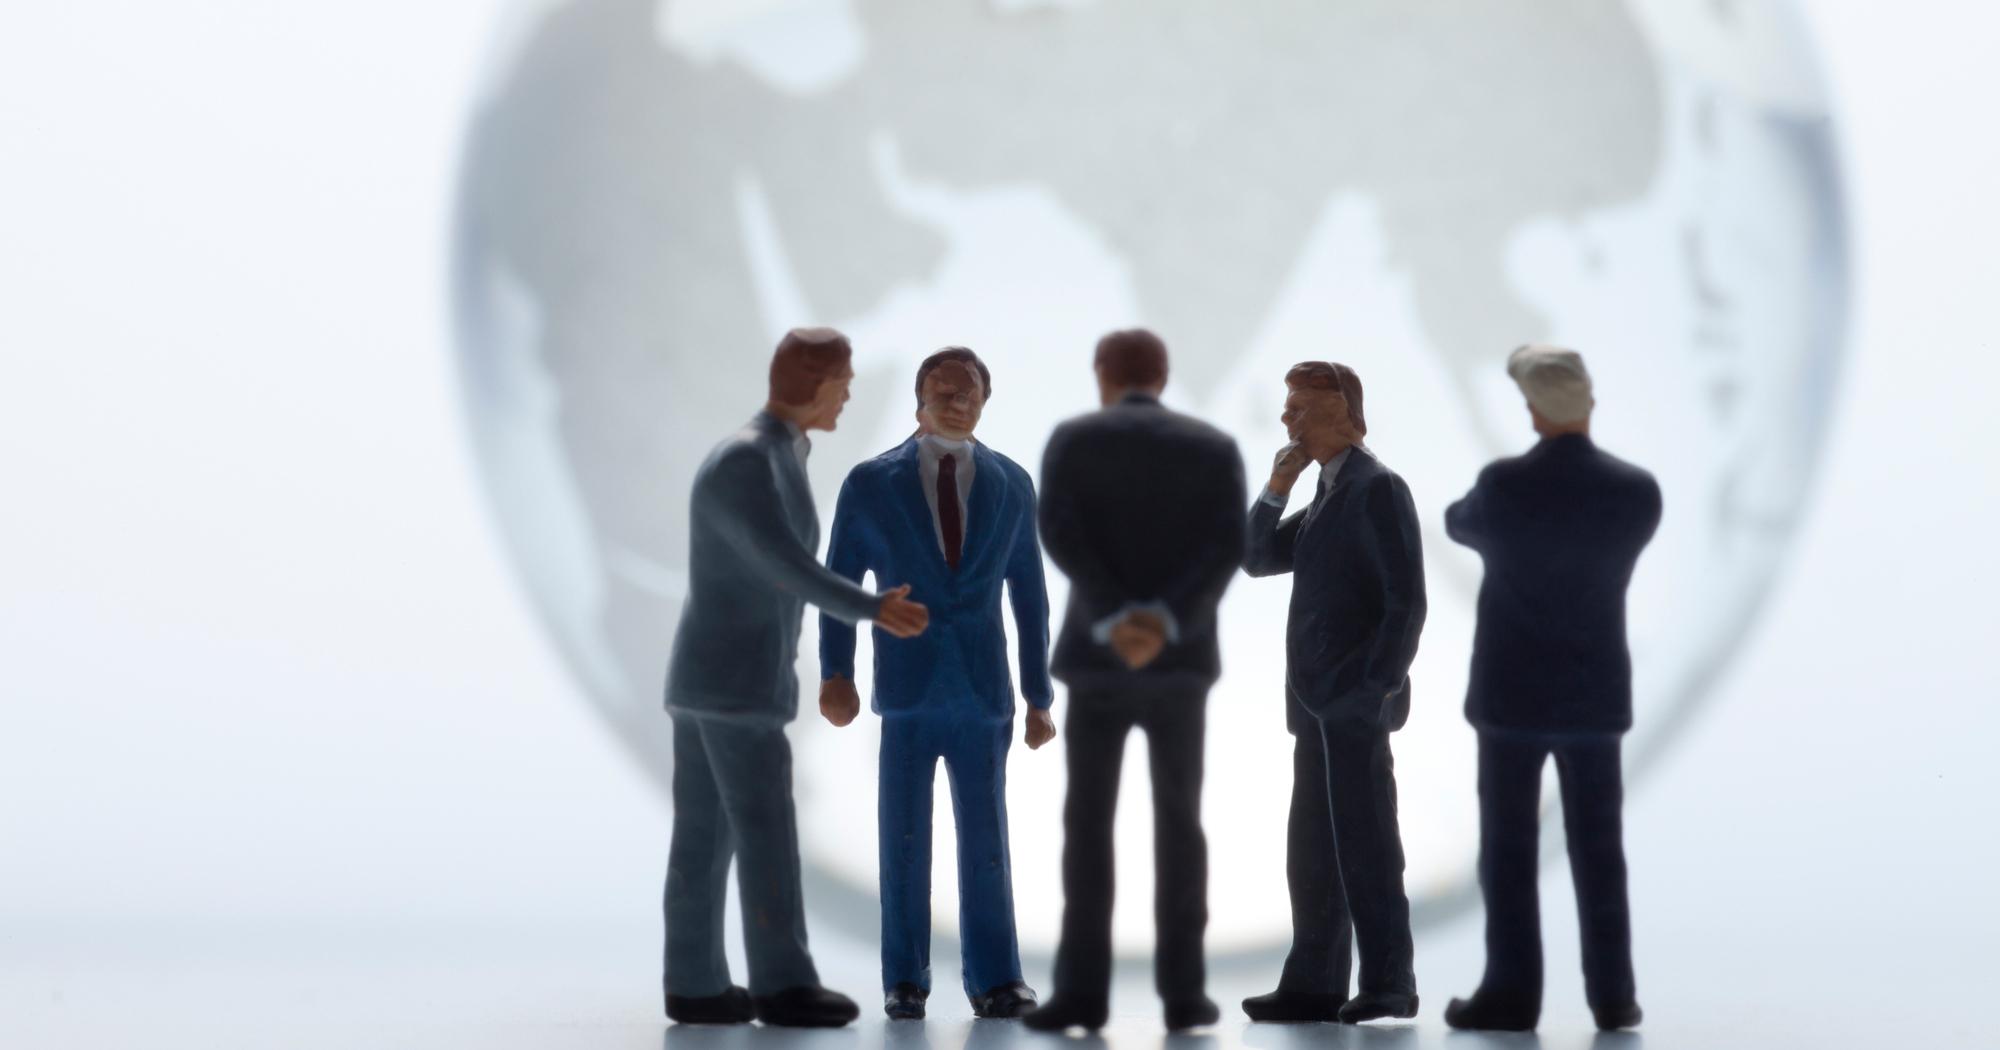 グローバル仕事人は「対人関係」をどう整理しているか